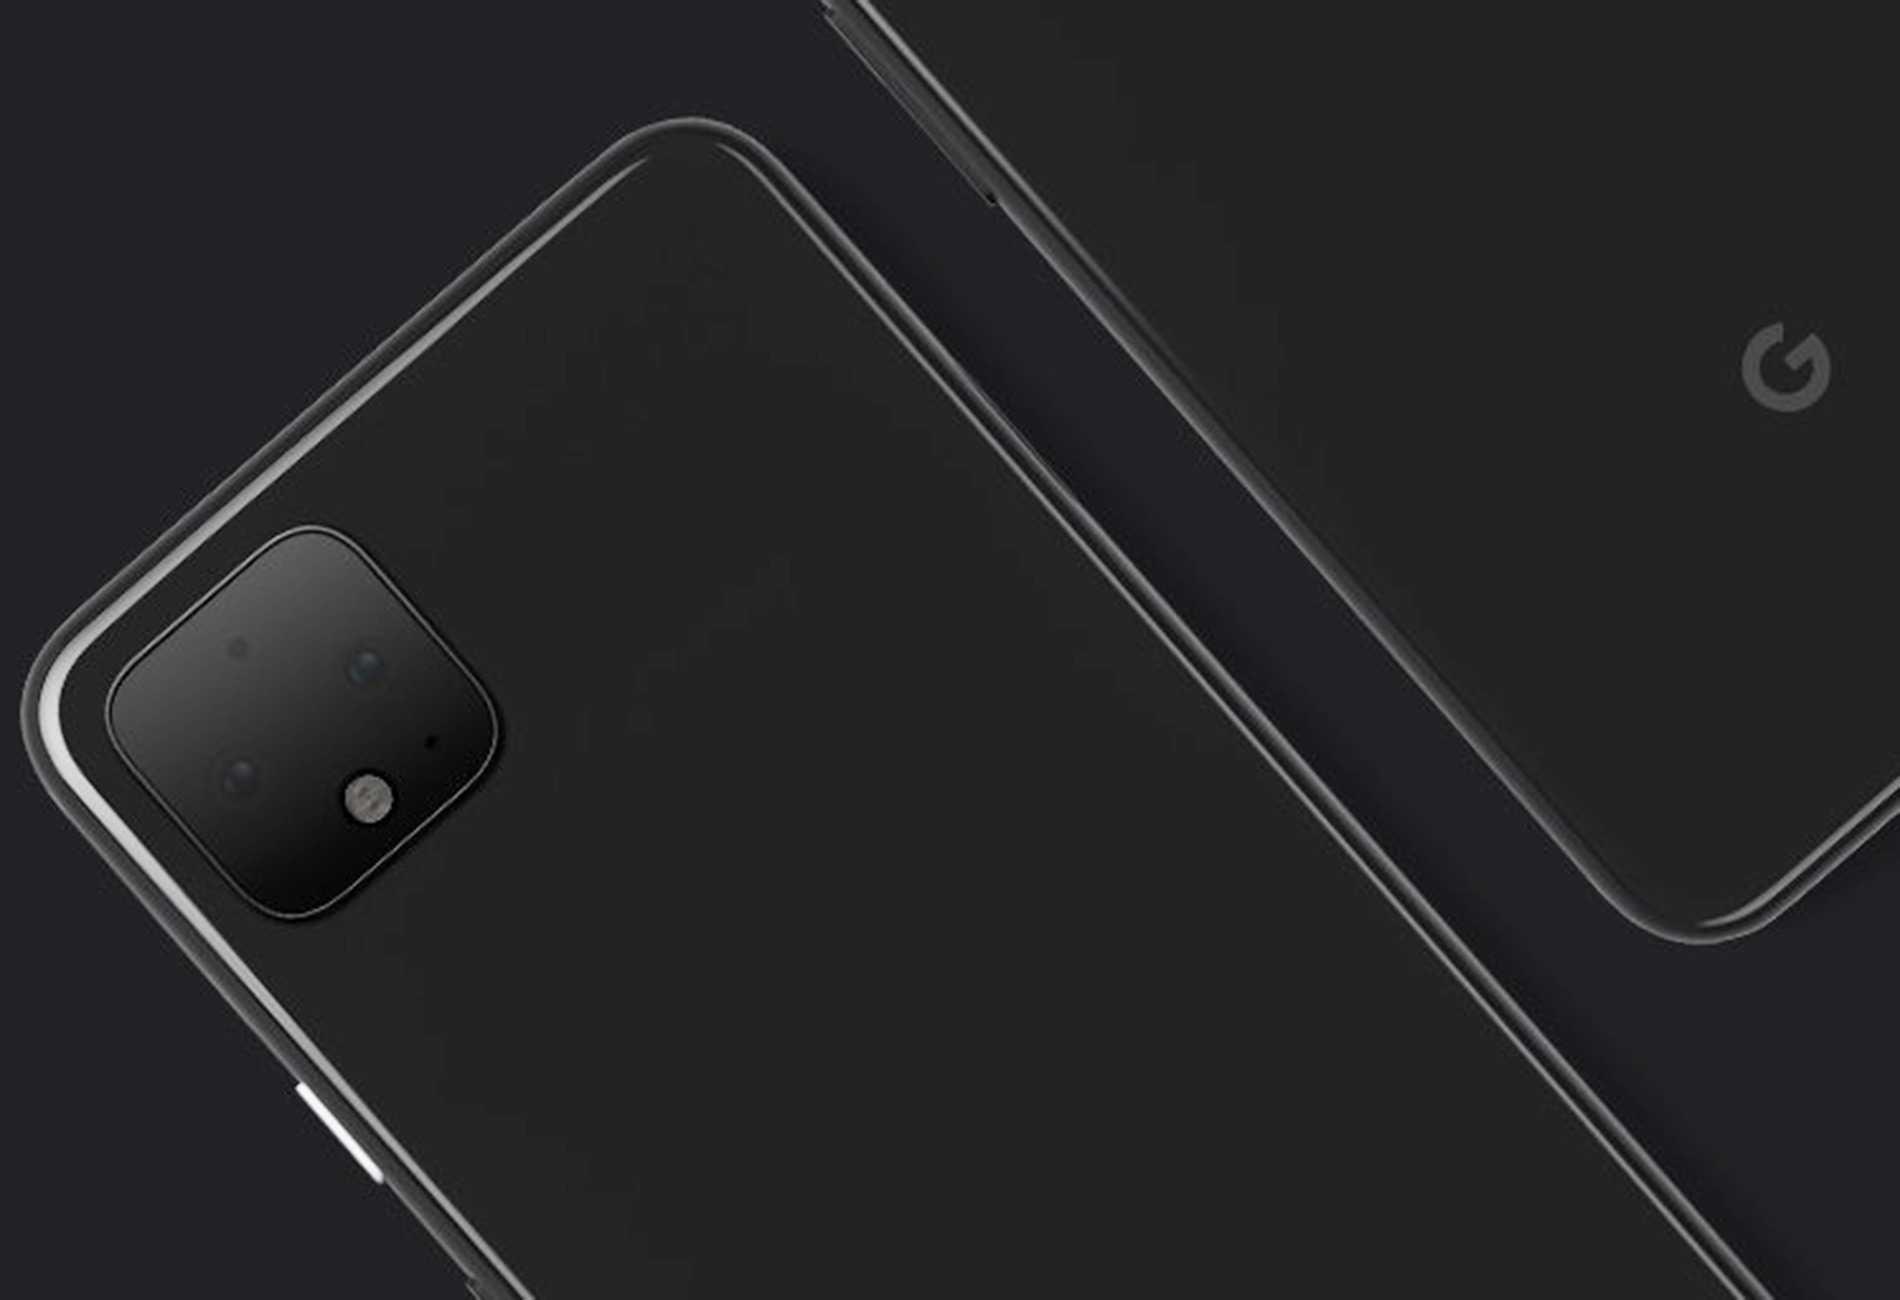 Корпорация Google официально запустила мощную рекламную компанию SwitchtoPixe с призывом пользователей перейти на их телефоны Это говорит о том что уже в скором